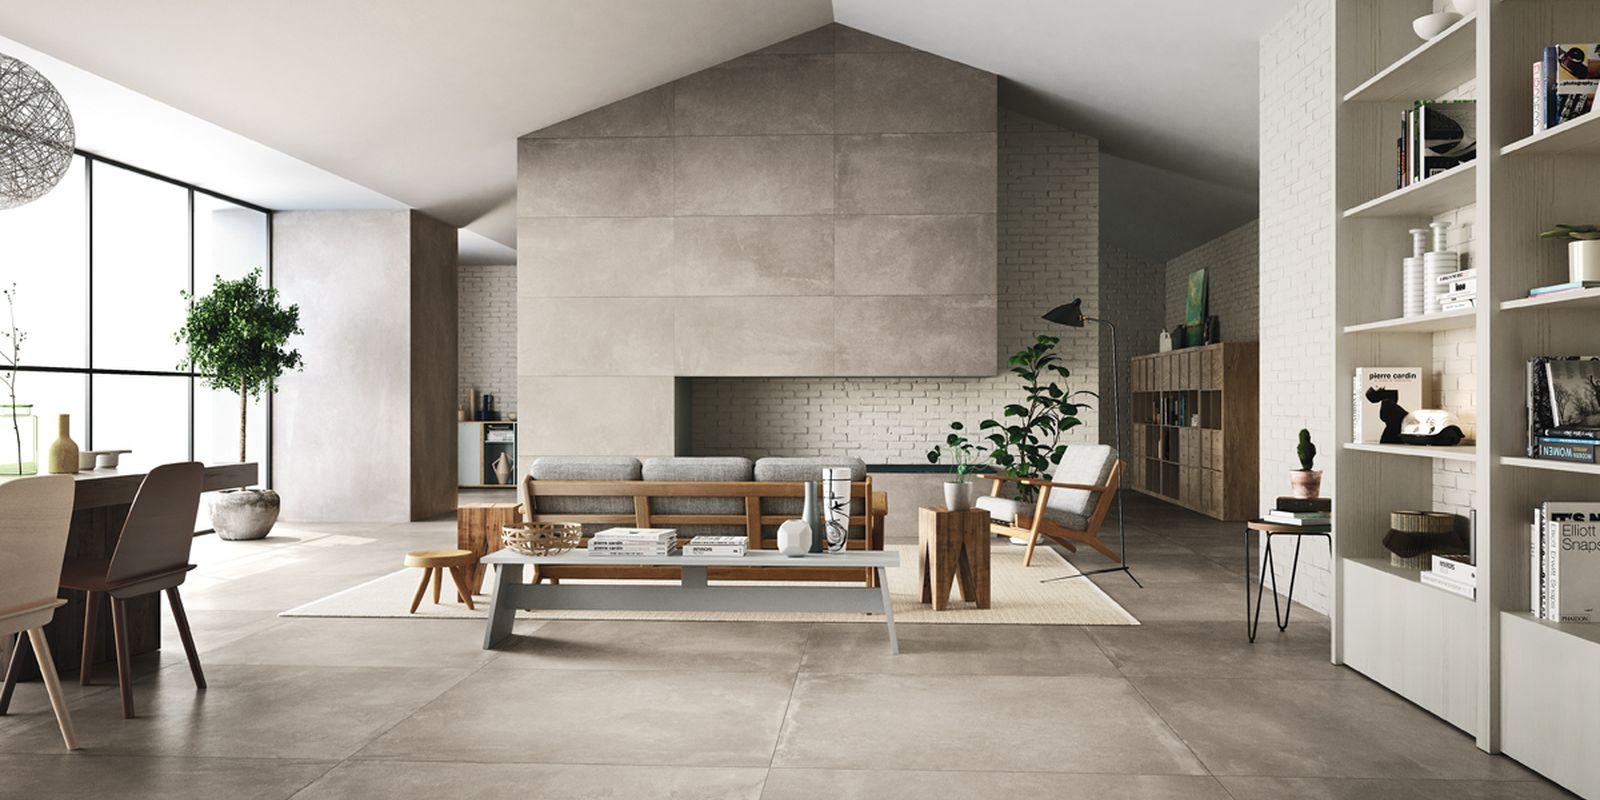 Pavimenti Imola: modelli diversi di ceramiche